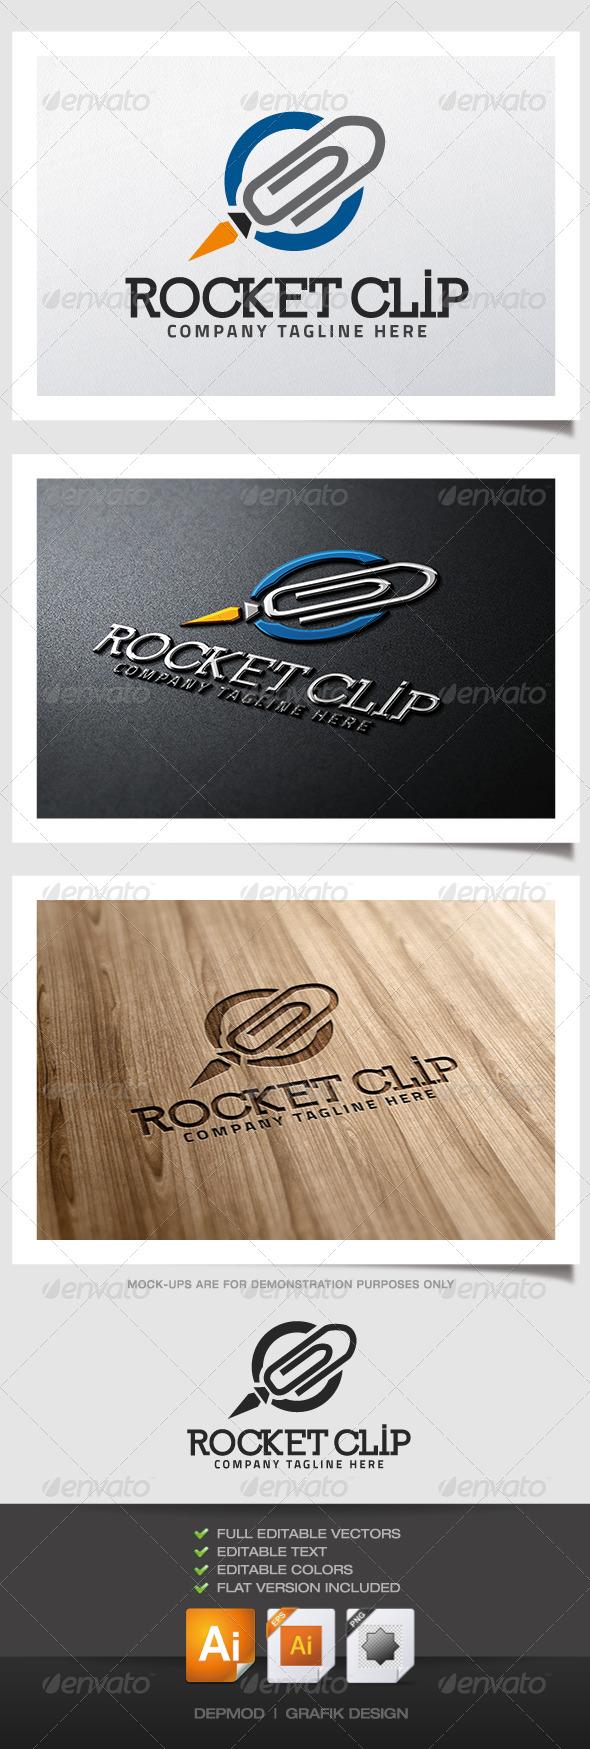 GraphicRiver Rocket Clip Logo 5200610